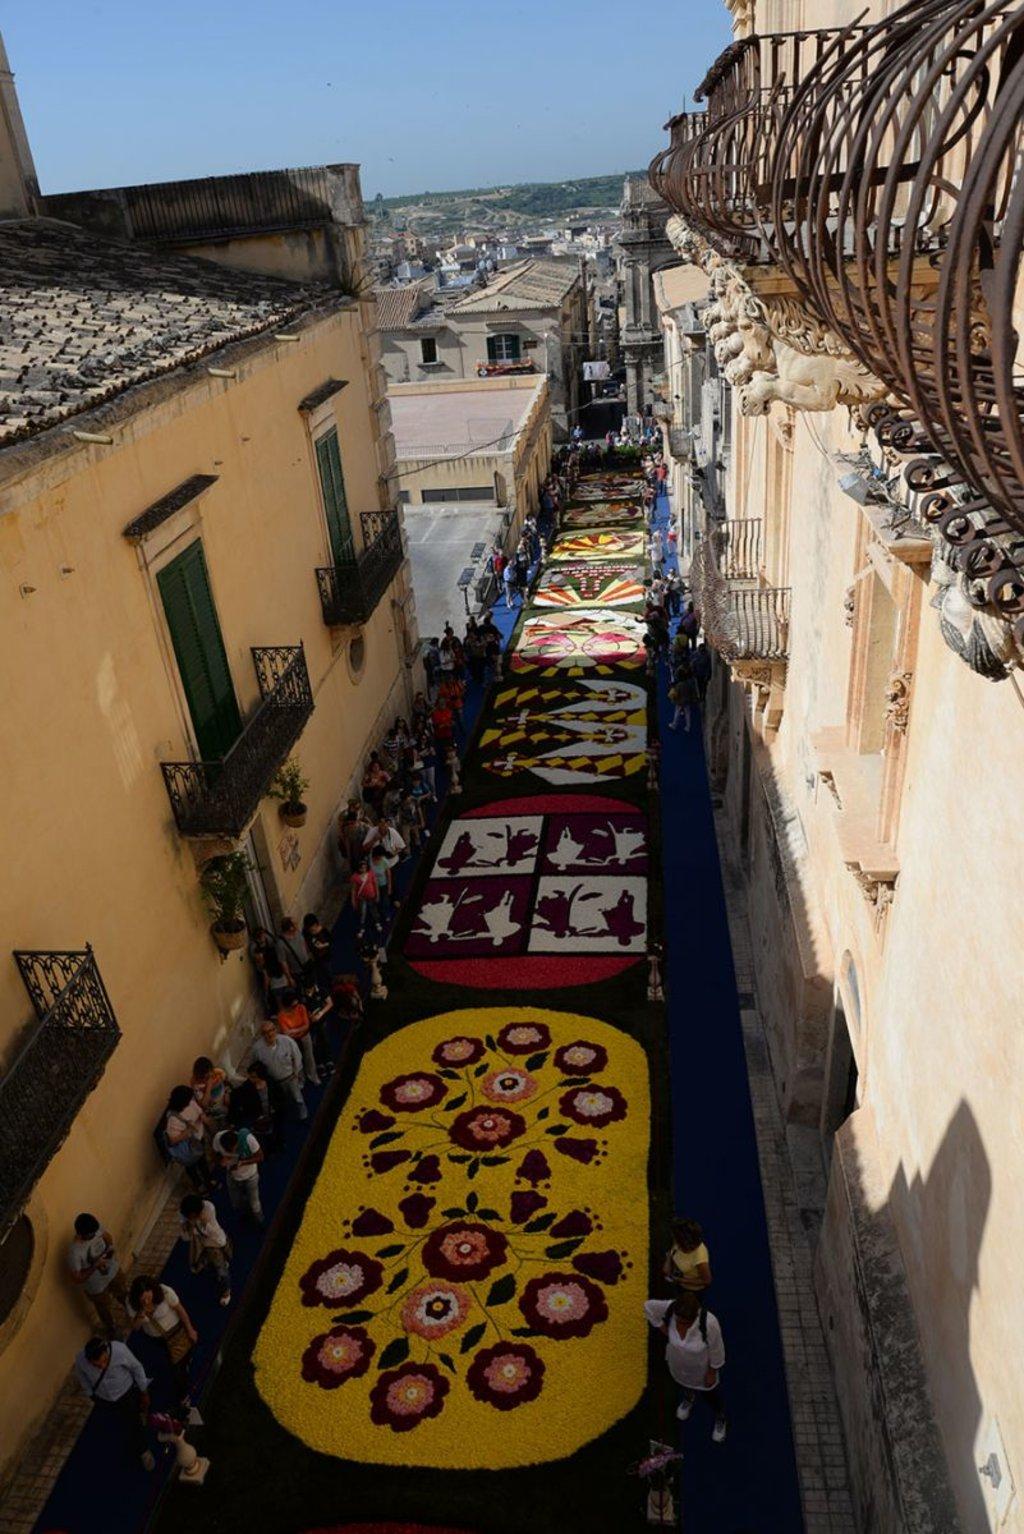 Infiorata di Noto. Courtesy of Ufficio turistico del Comune di Noto